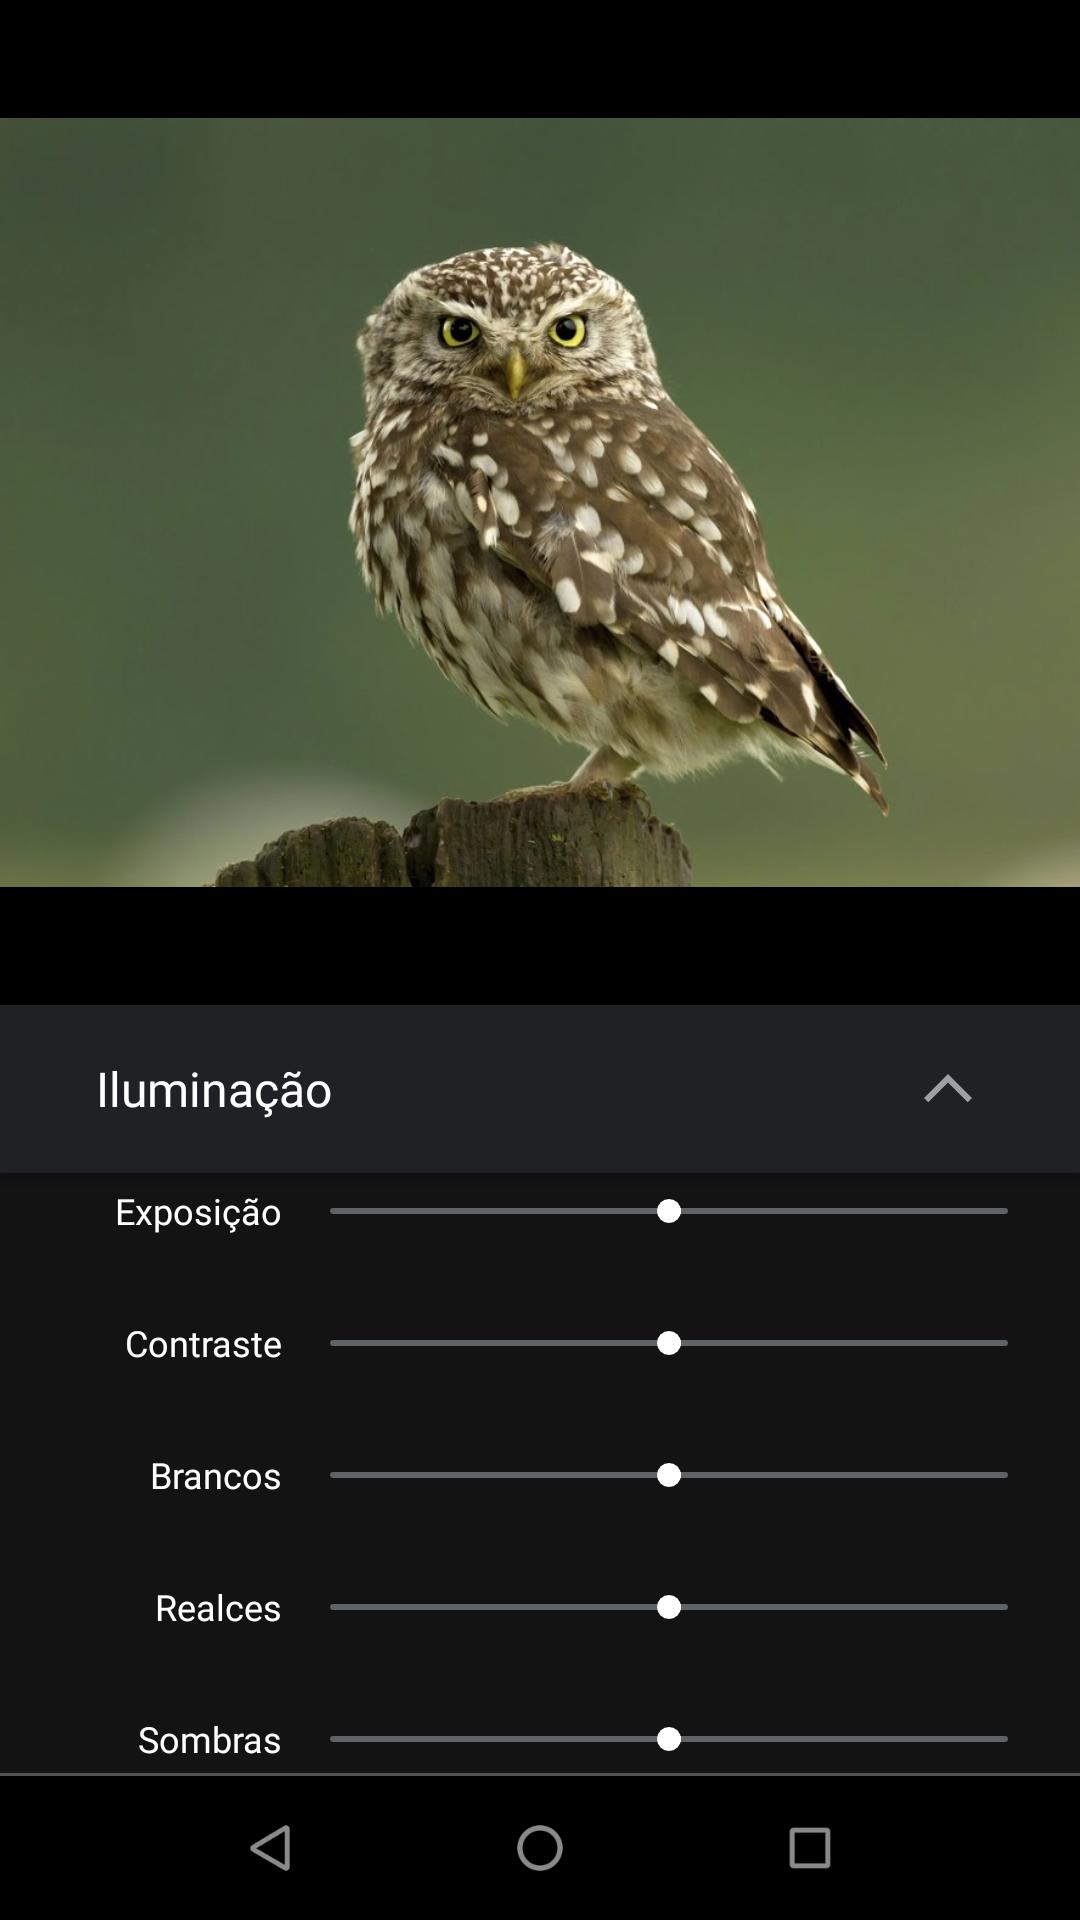 Google Fotos_imagem com as ferramentas de edição detalhada do Google Fotos